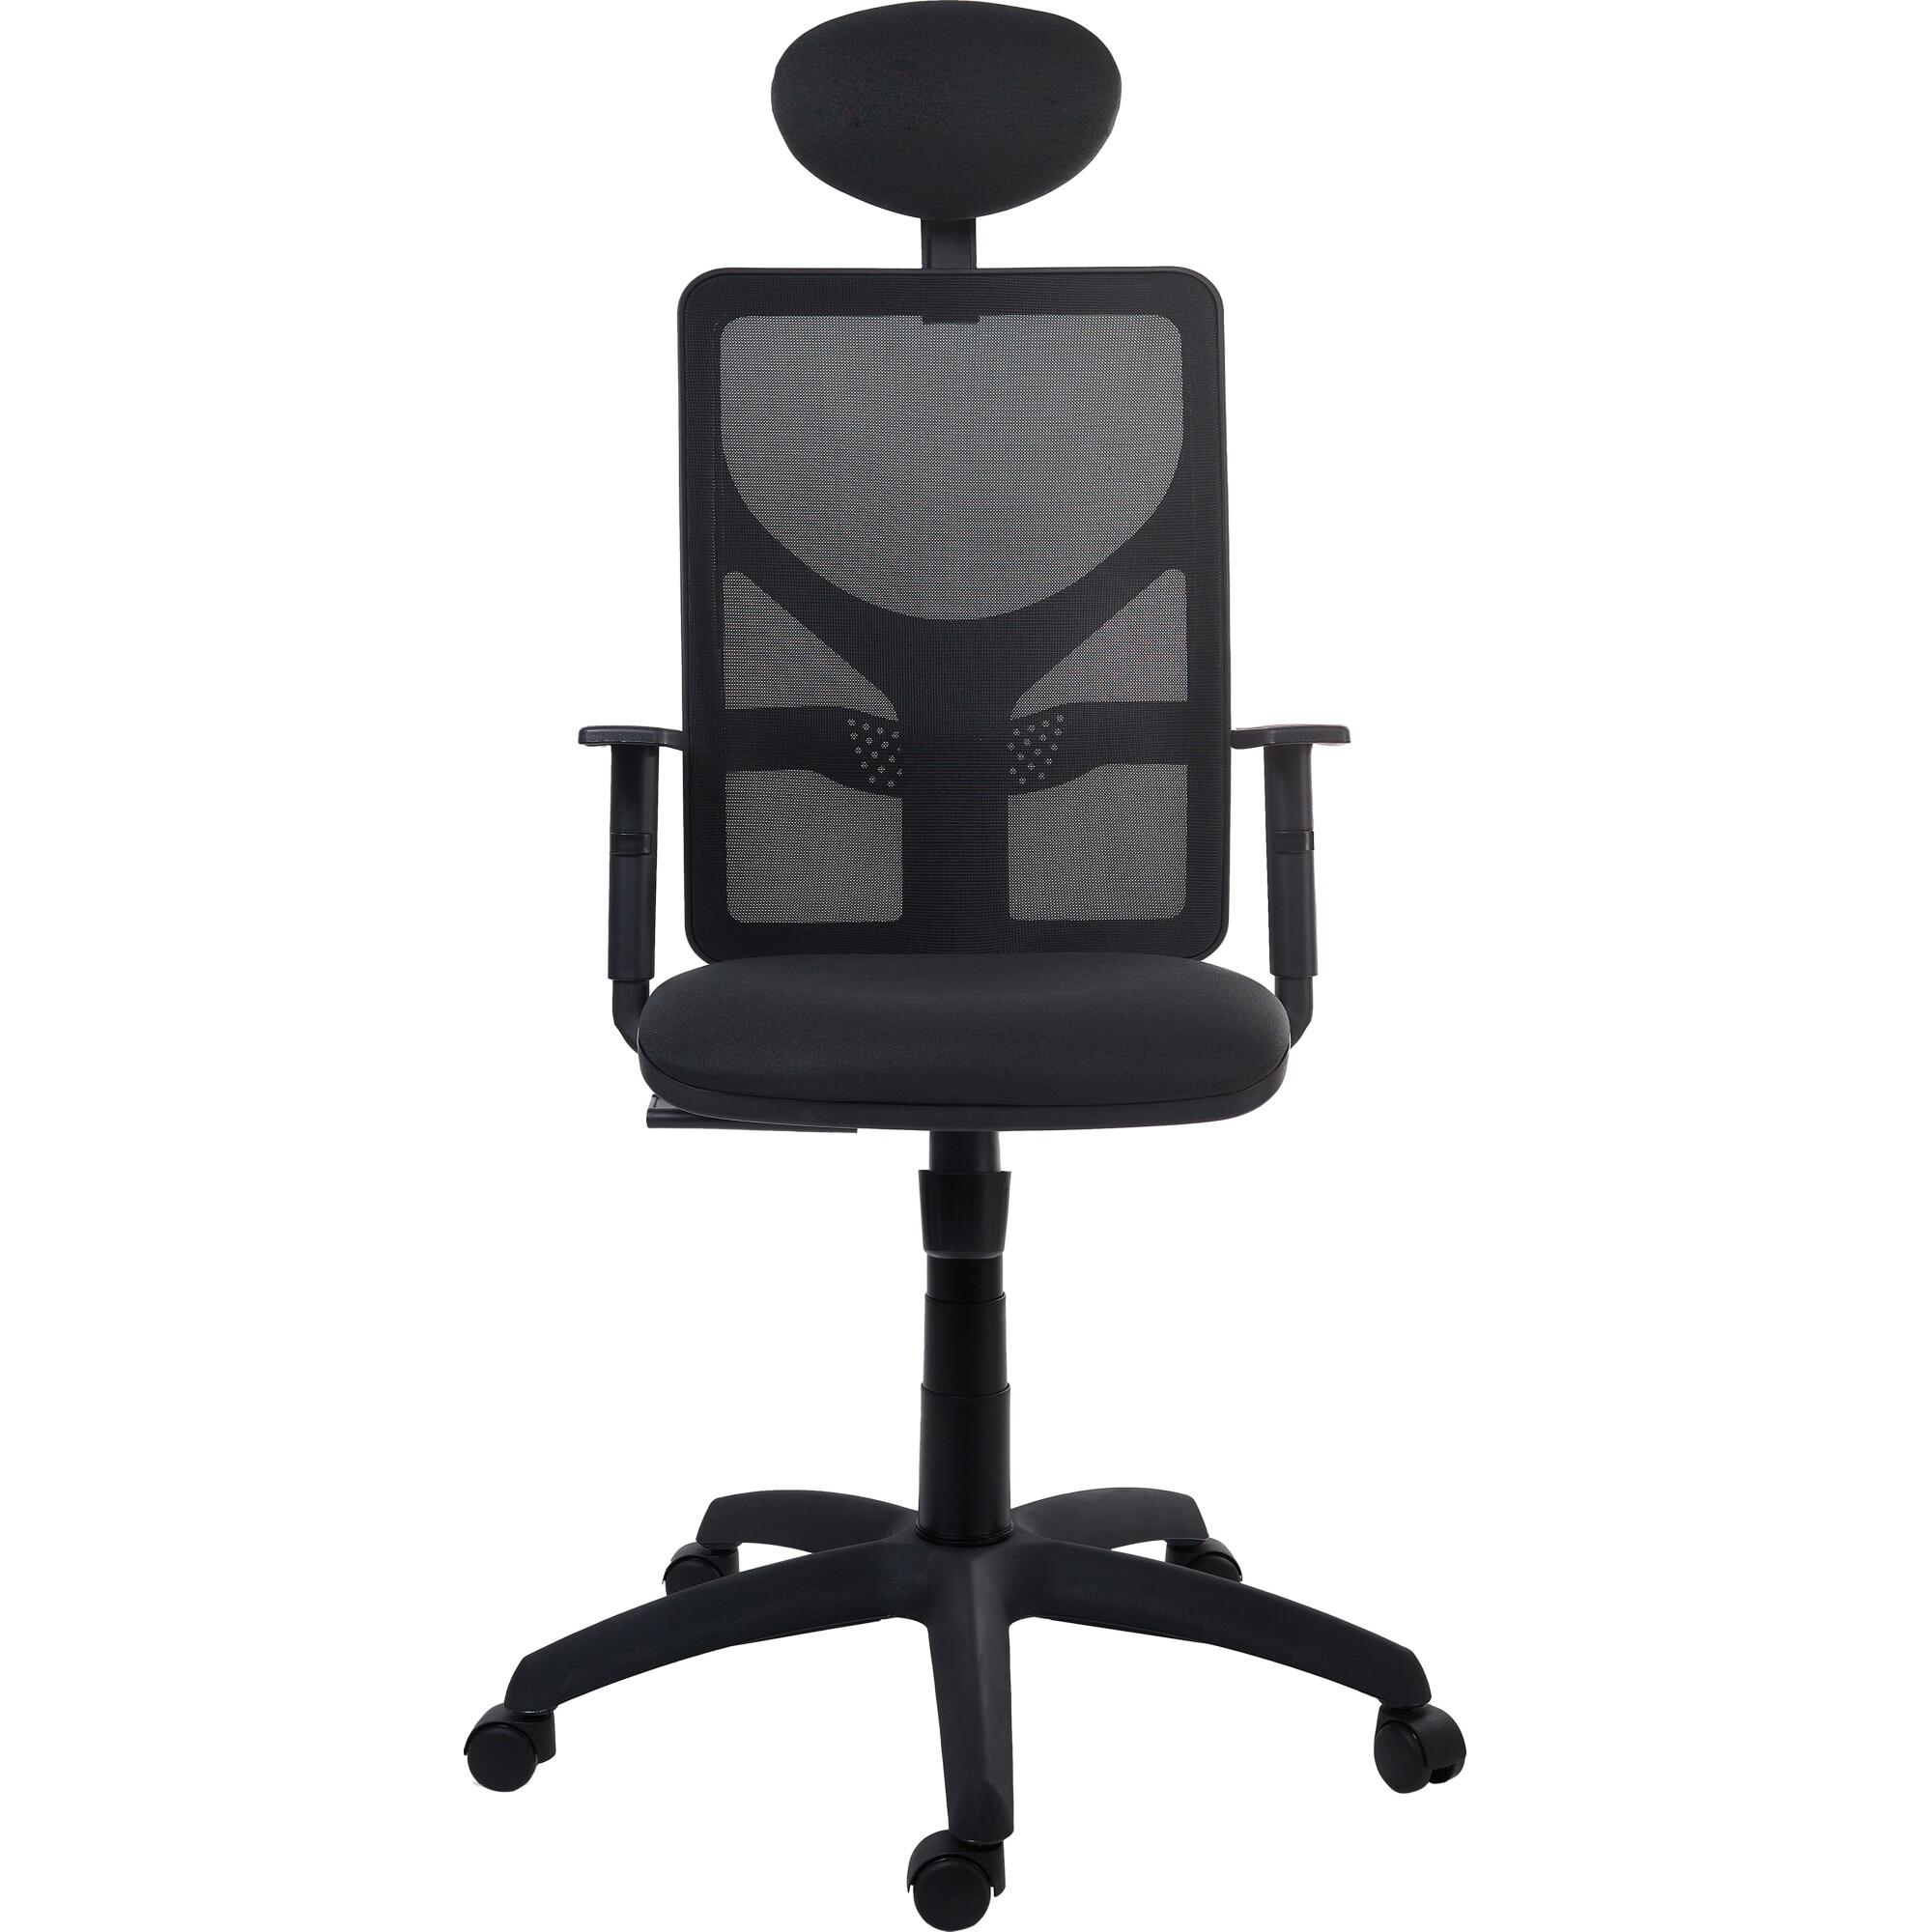 Fotografie Scaun de birou ANTARES Mag Pro PDH, cu tetiera, brate reglabile pe inaltime, suport lombar reglabil, mesh negru/textil E14 negru